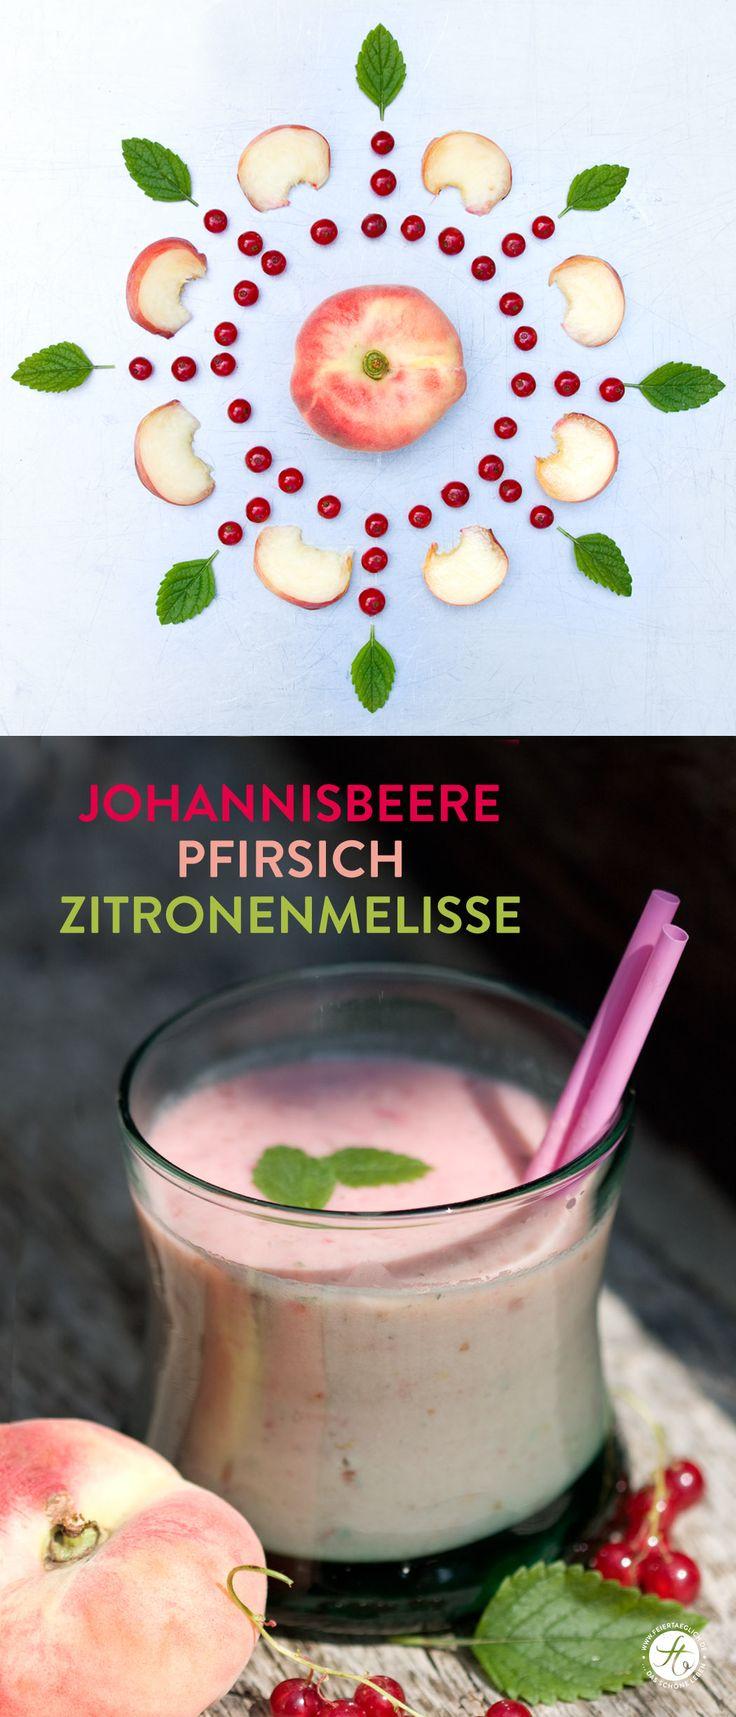 SmoothieMontag Johannisbeere-Pfirsich-Zitronenmelisse Smoothie #feiertaeglich #smoothiemontag